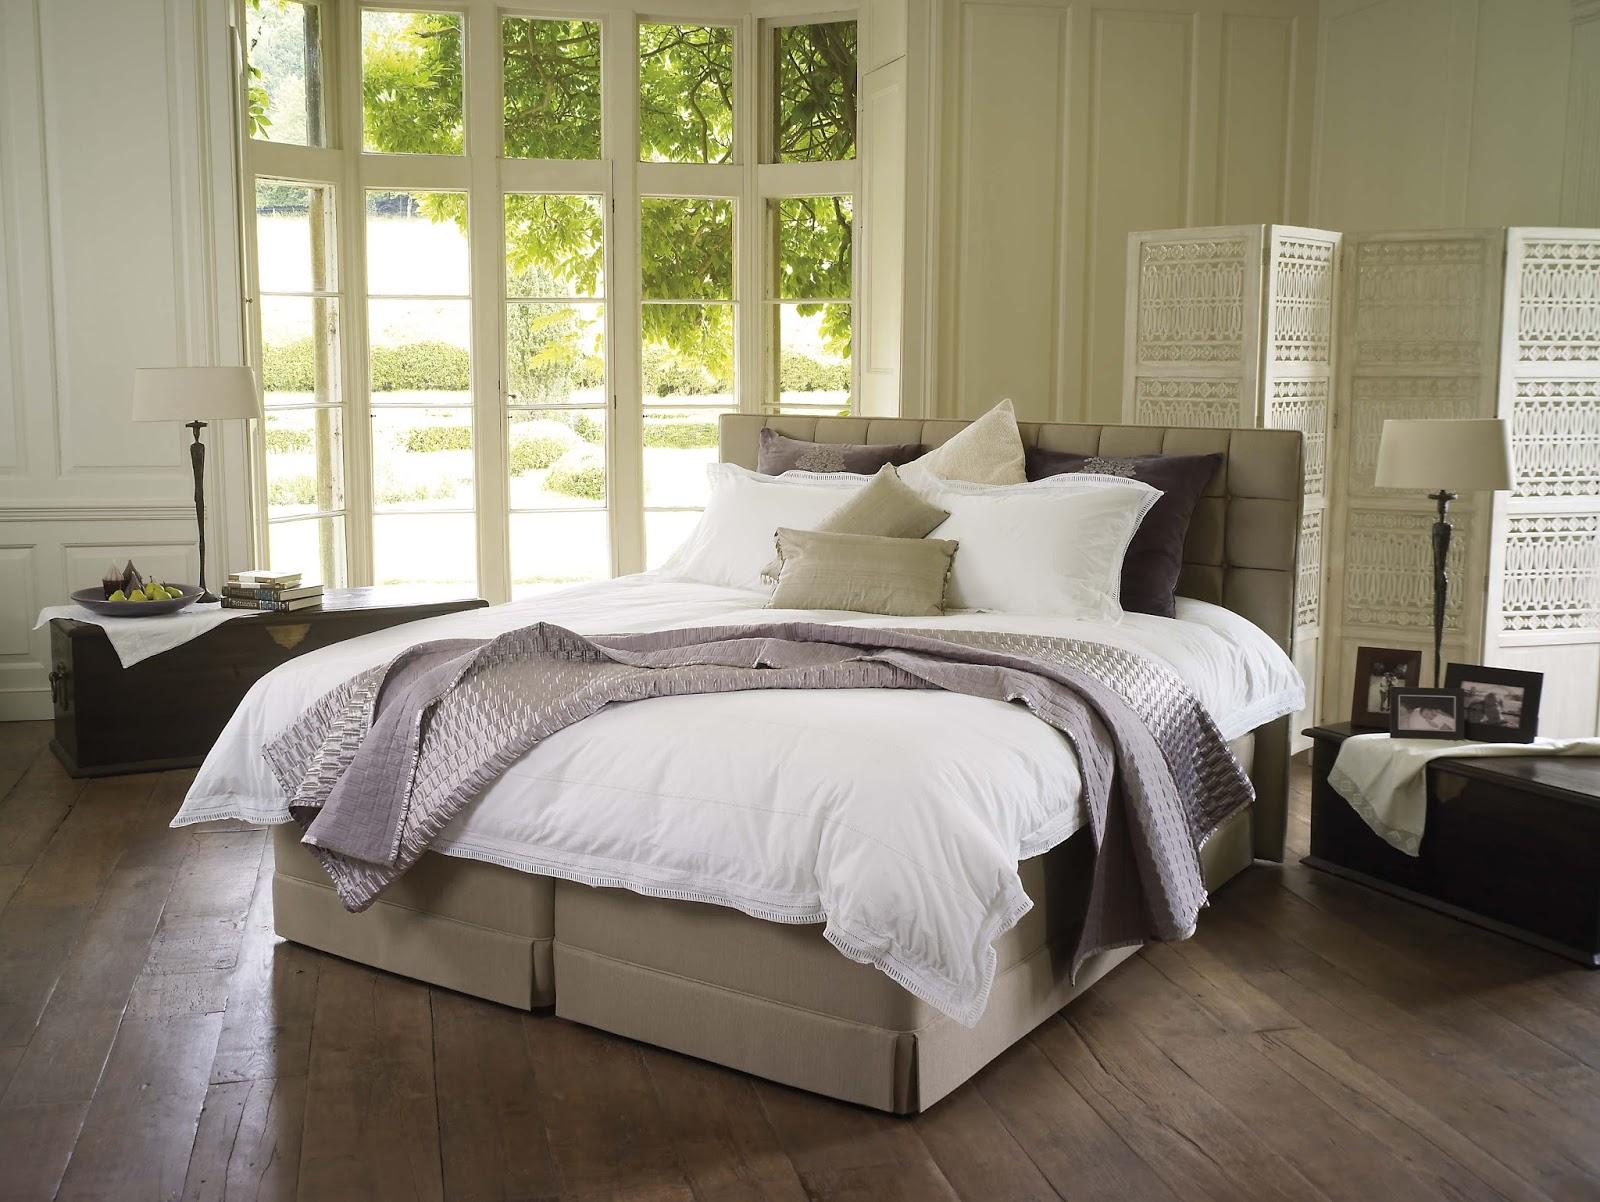 Hypnos łóżka Z Twojego Snu Po Co Nam Wielkie łoże Sypialniane